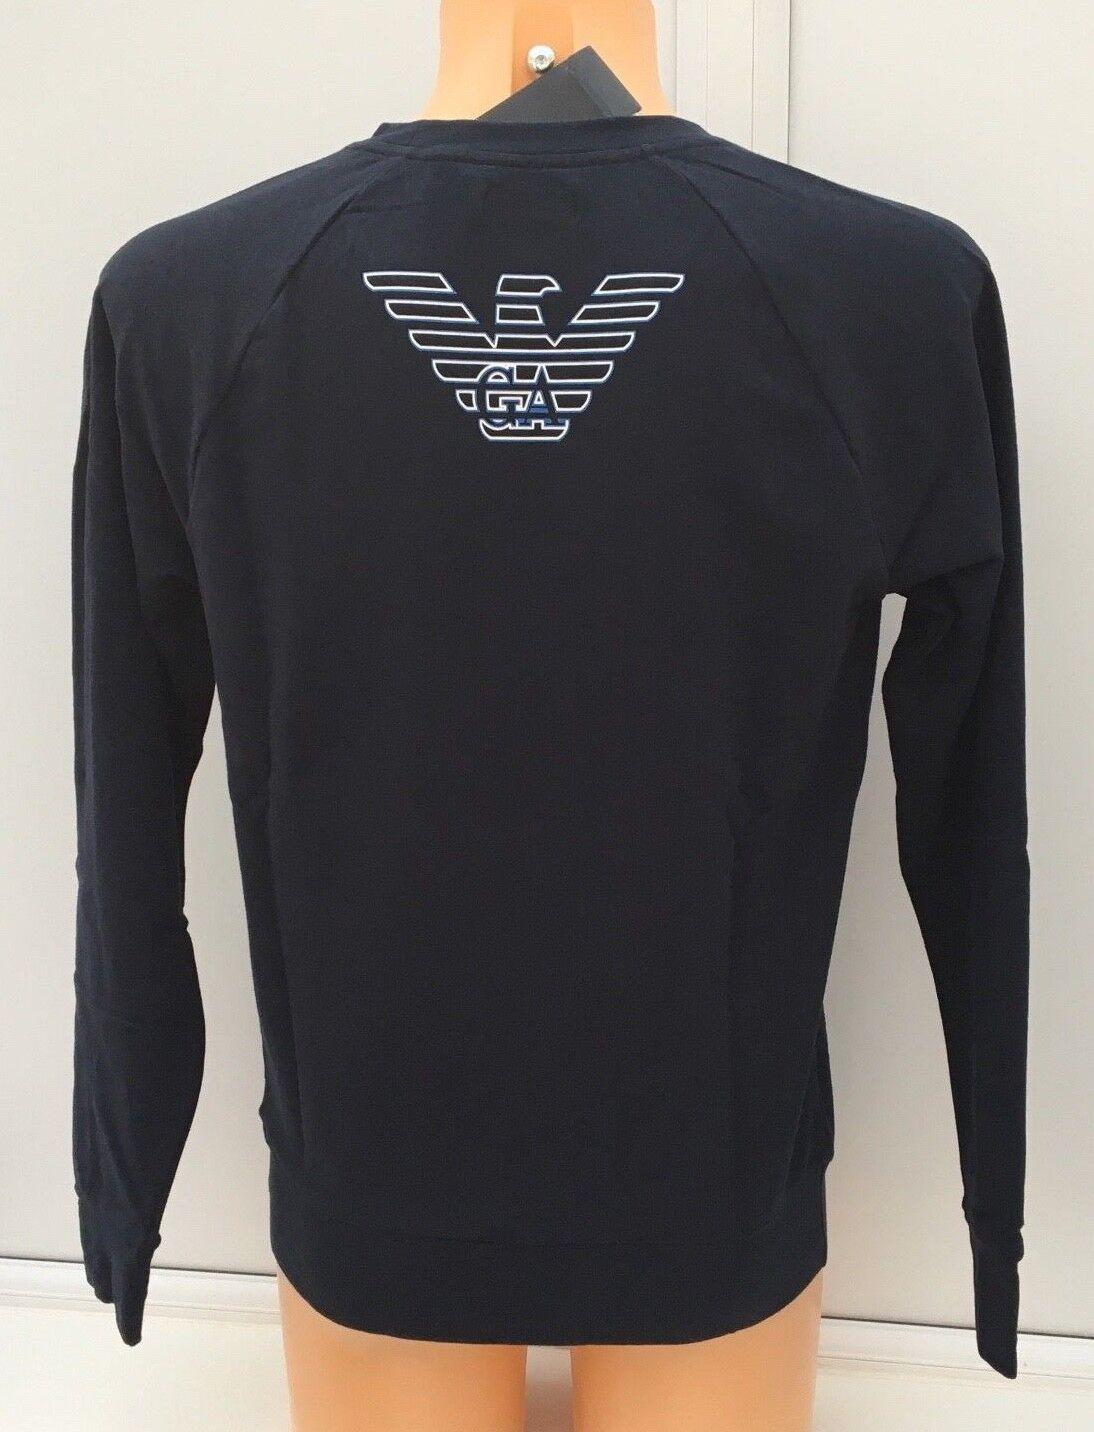 EMPORIO ARMANI EA7 Sweater in Marine Blau with EA7 Blau Logo Größes S-XL BNWT